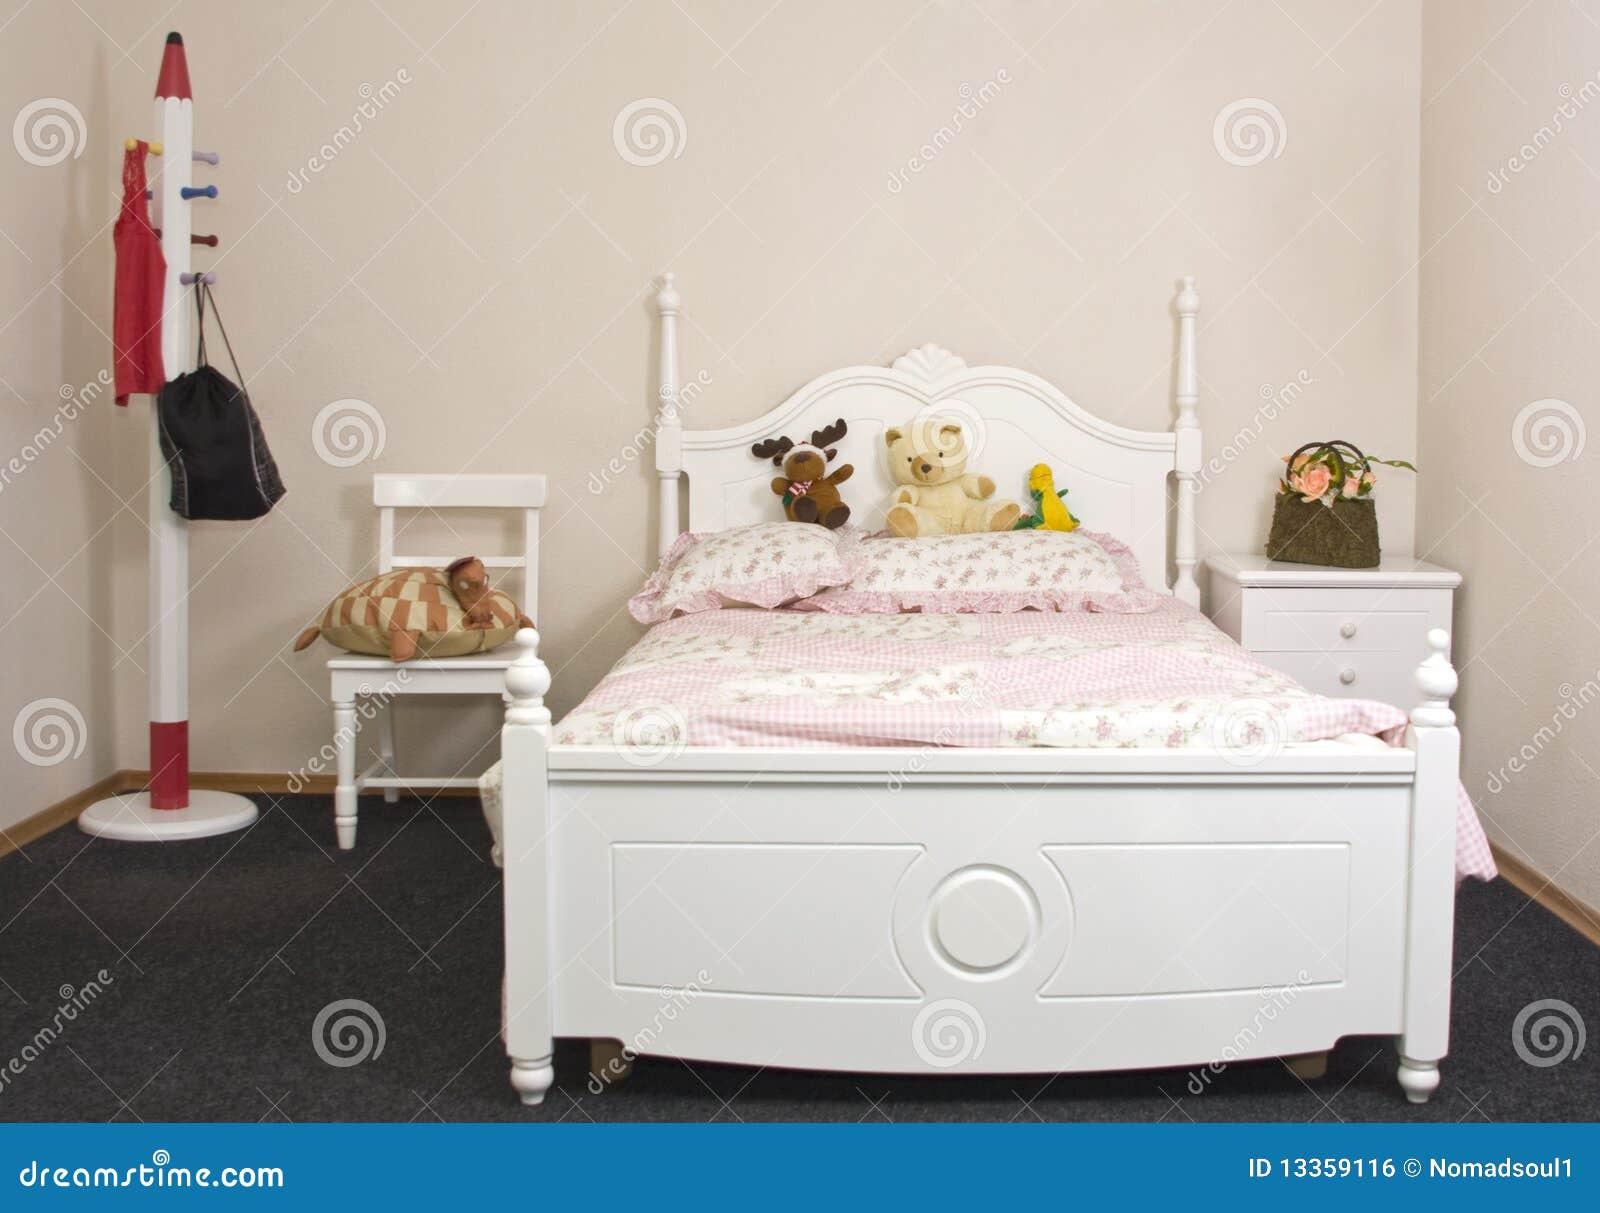 De slaapkamer van de tiener royalty vrije stock afbeelding afbeelding 13359116 - Slaapkamer tiener meisje ...